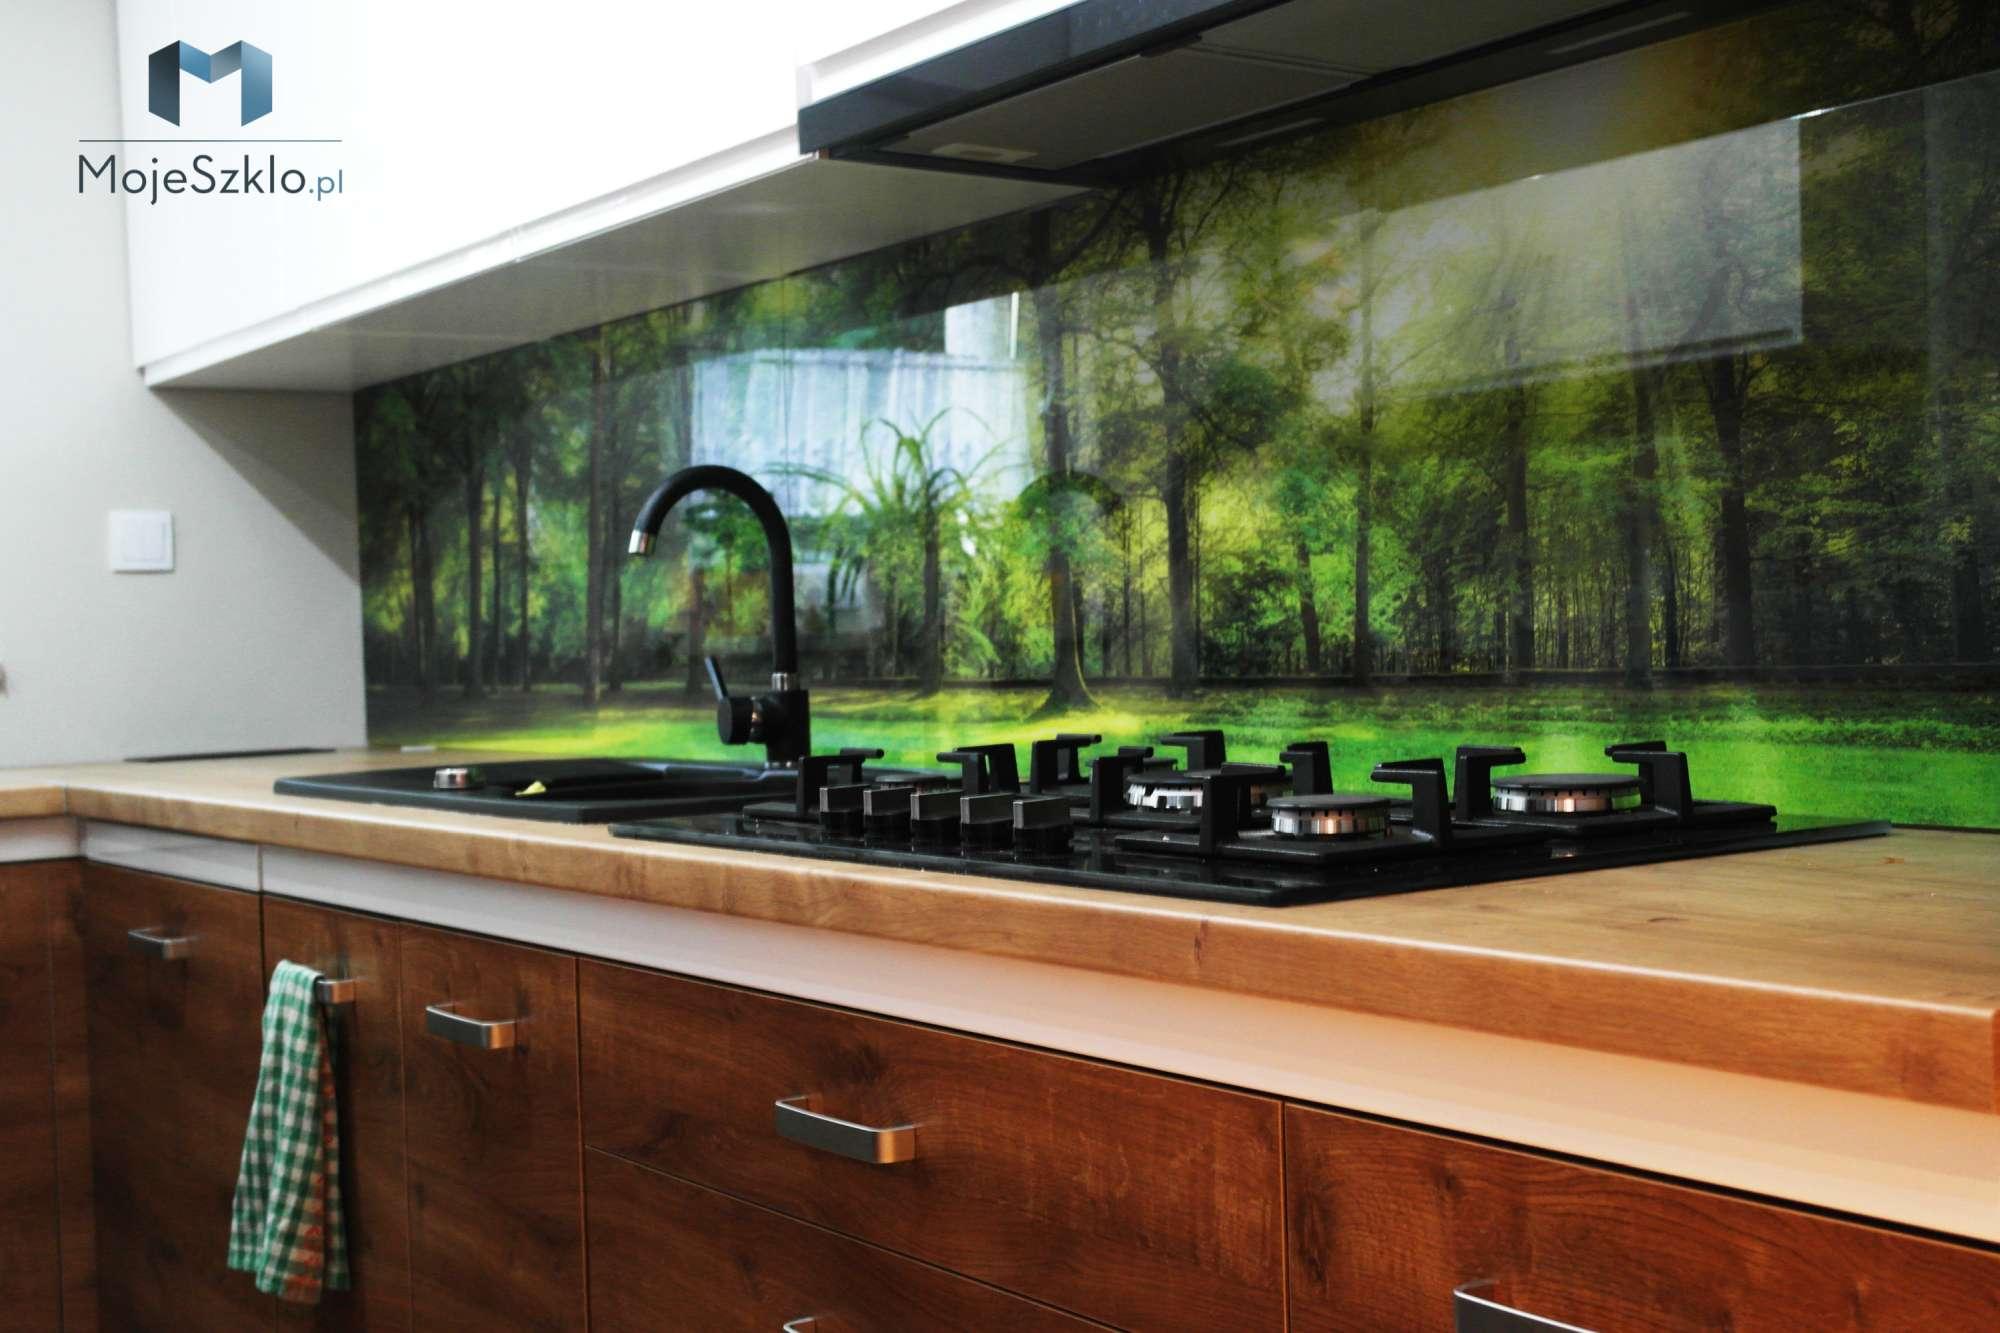 Szklo W Kuchni Las - Szkło hartowane do kuchni z nadrukiem miasta